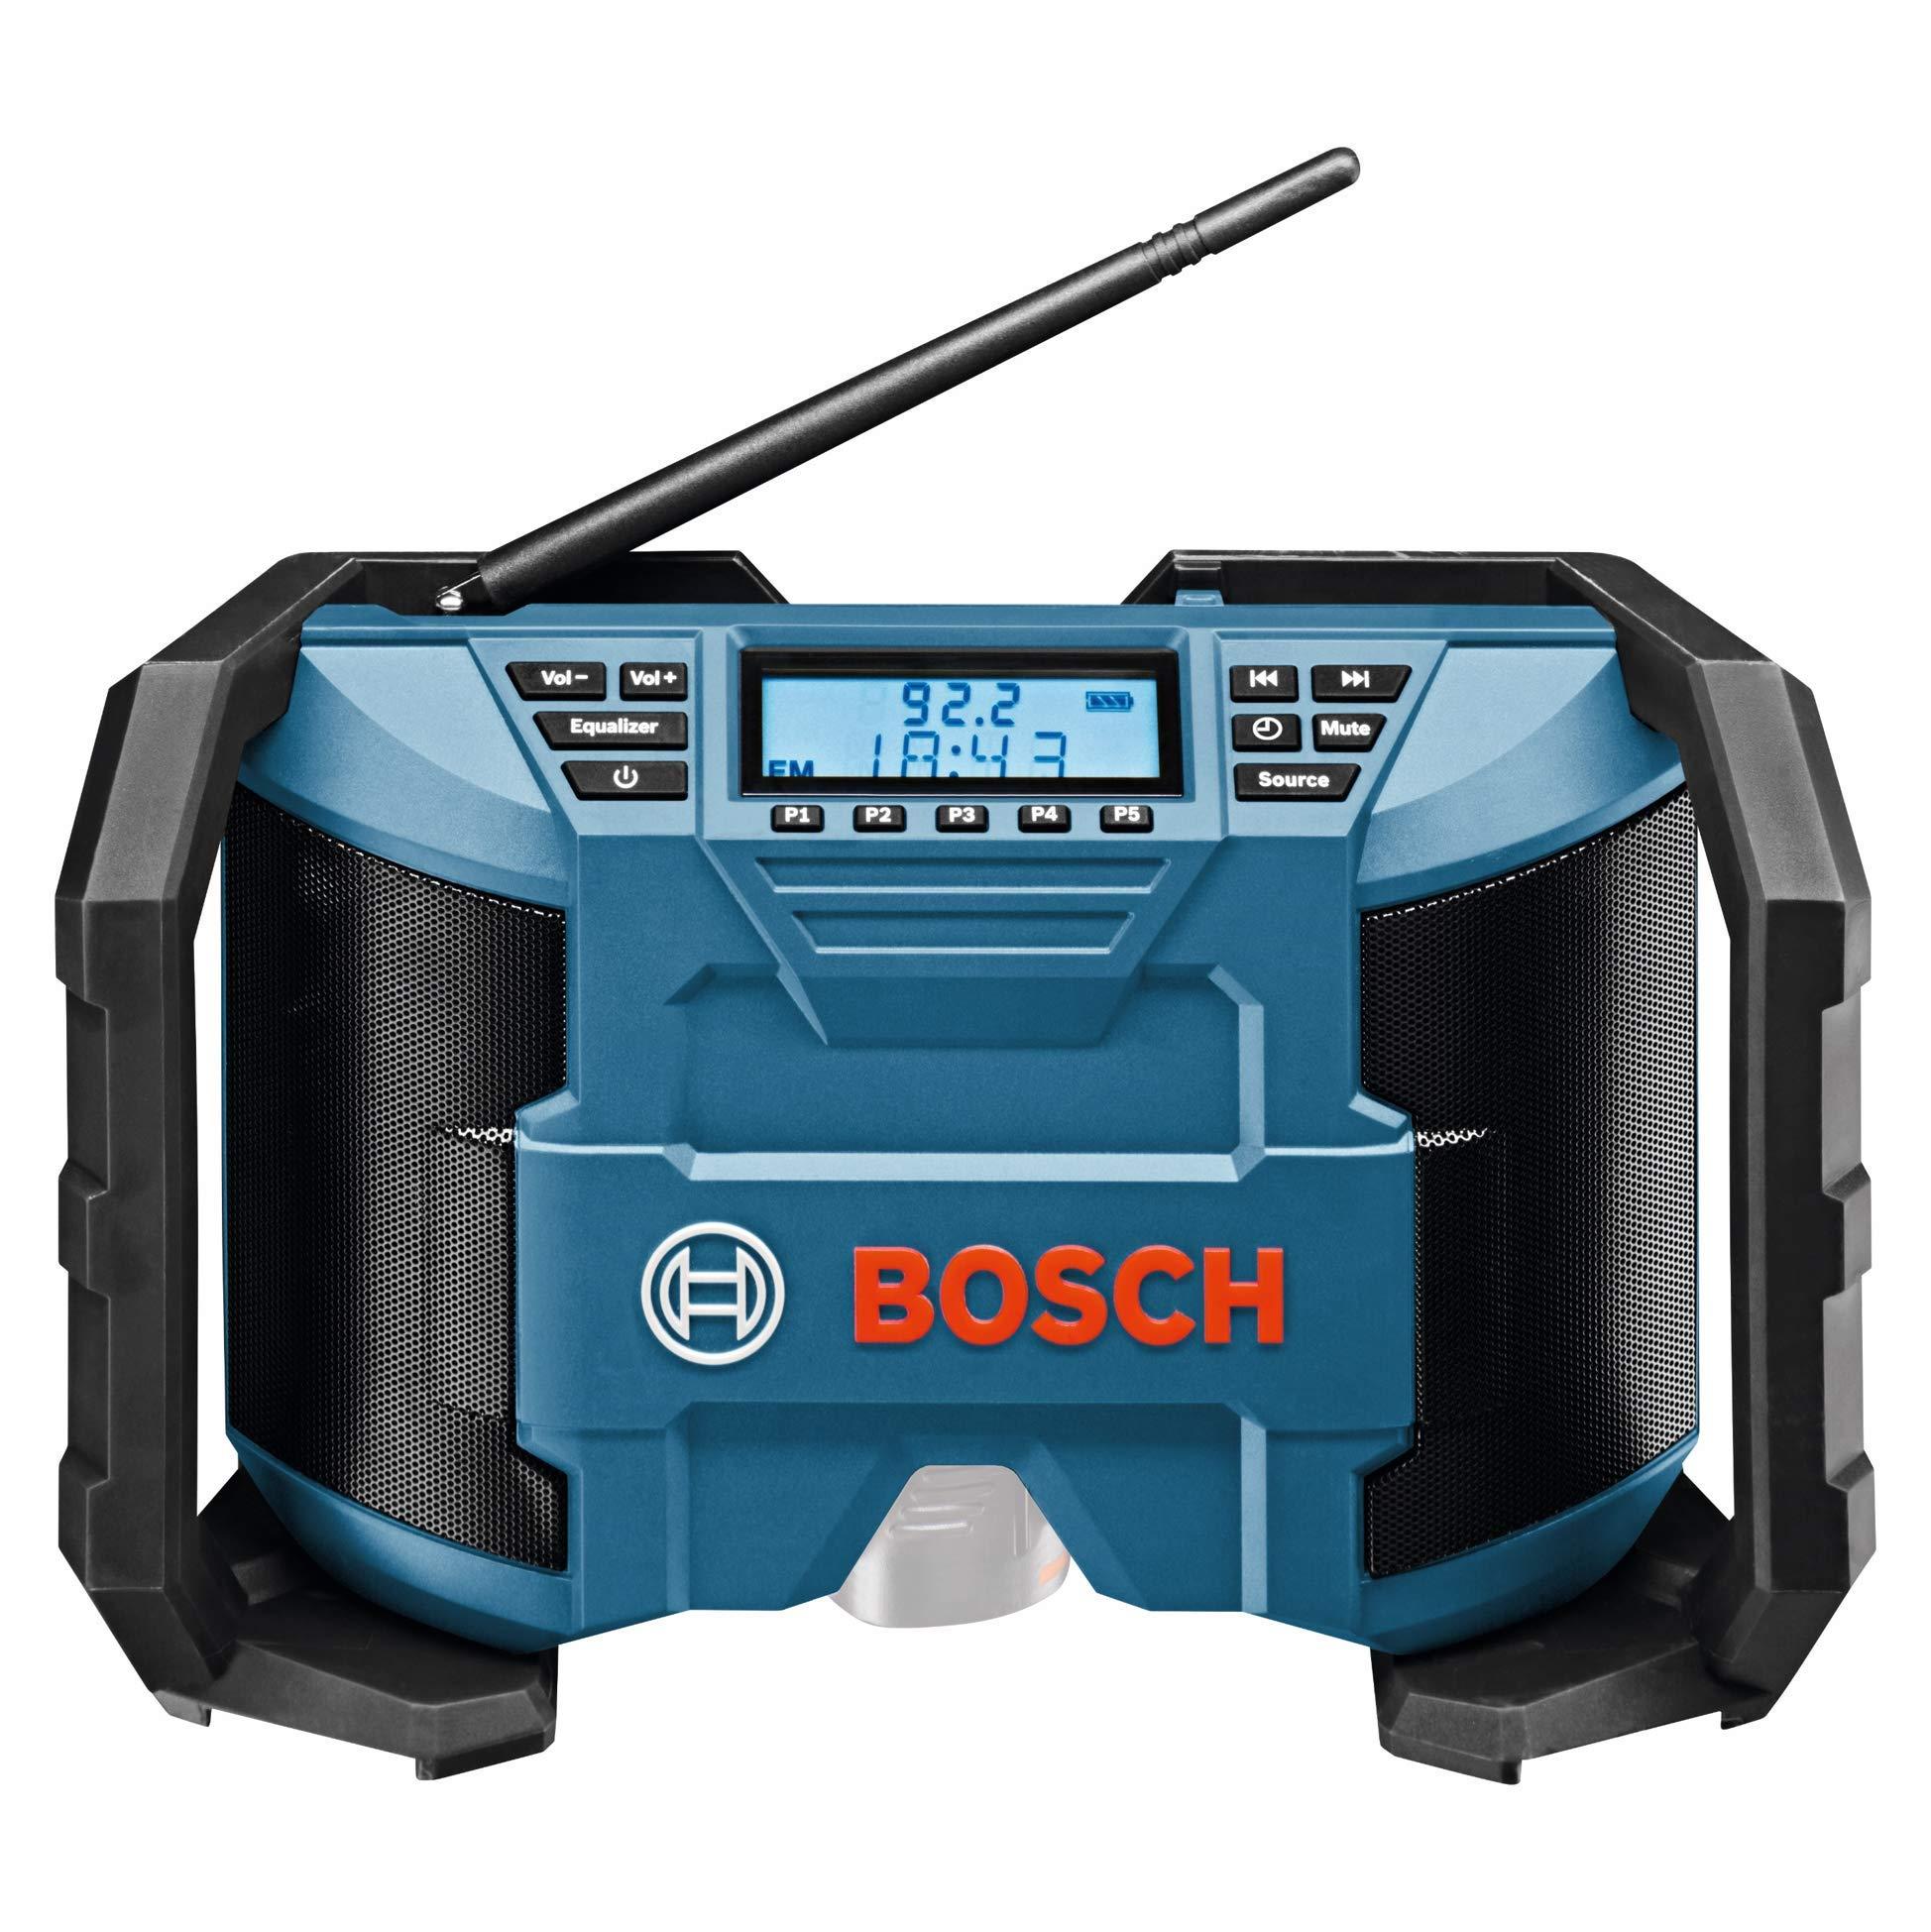 Bosch Professional GPB 12V-10 Akku Baustellenradio (3,5mm AUX Kabel, FM/AM, MP3)